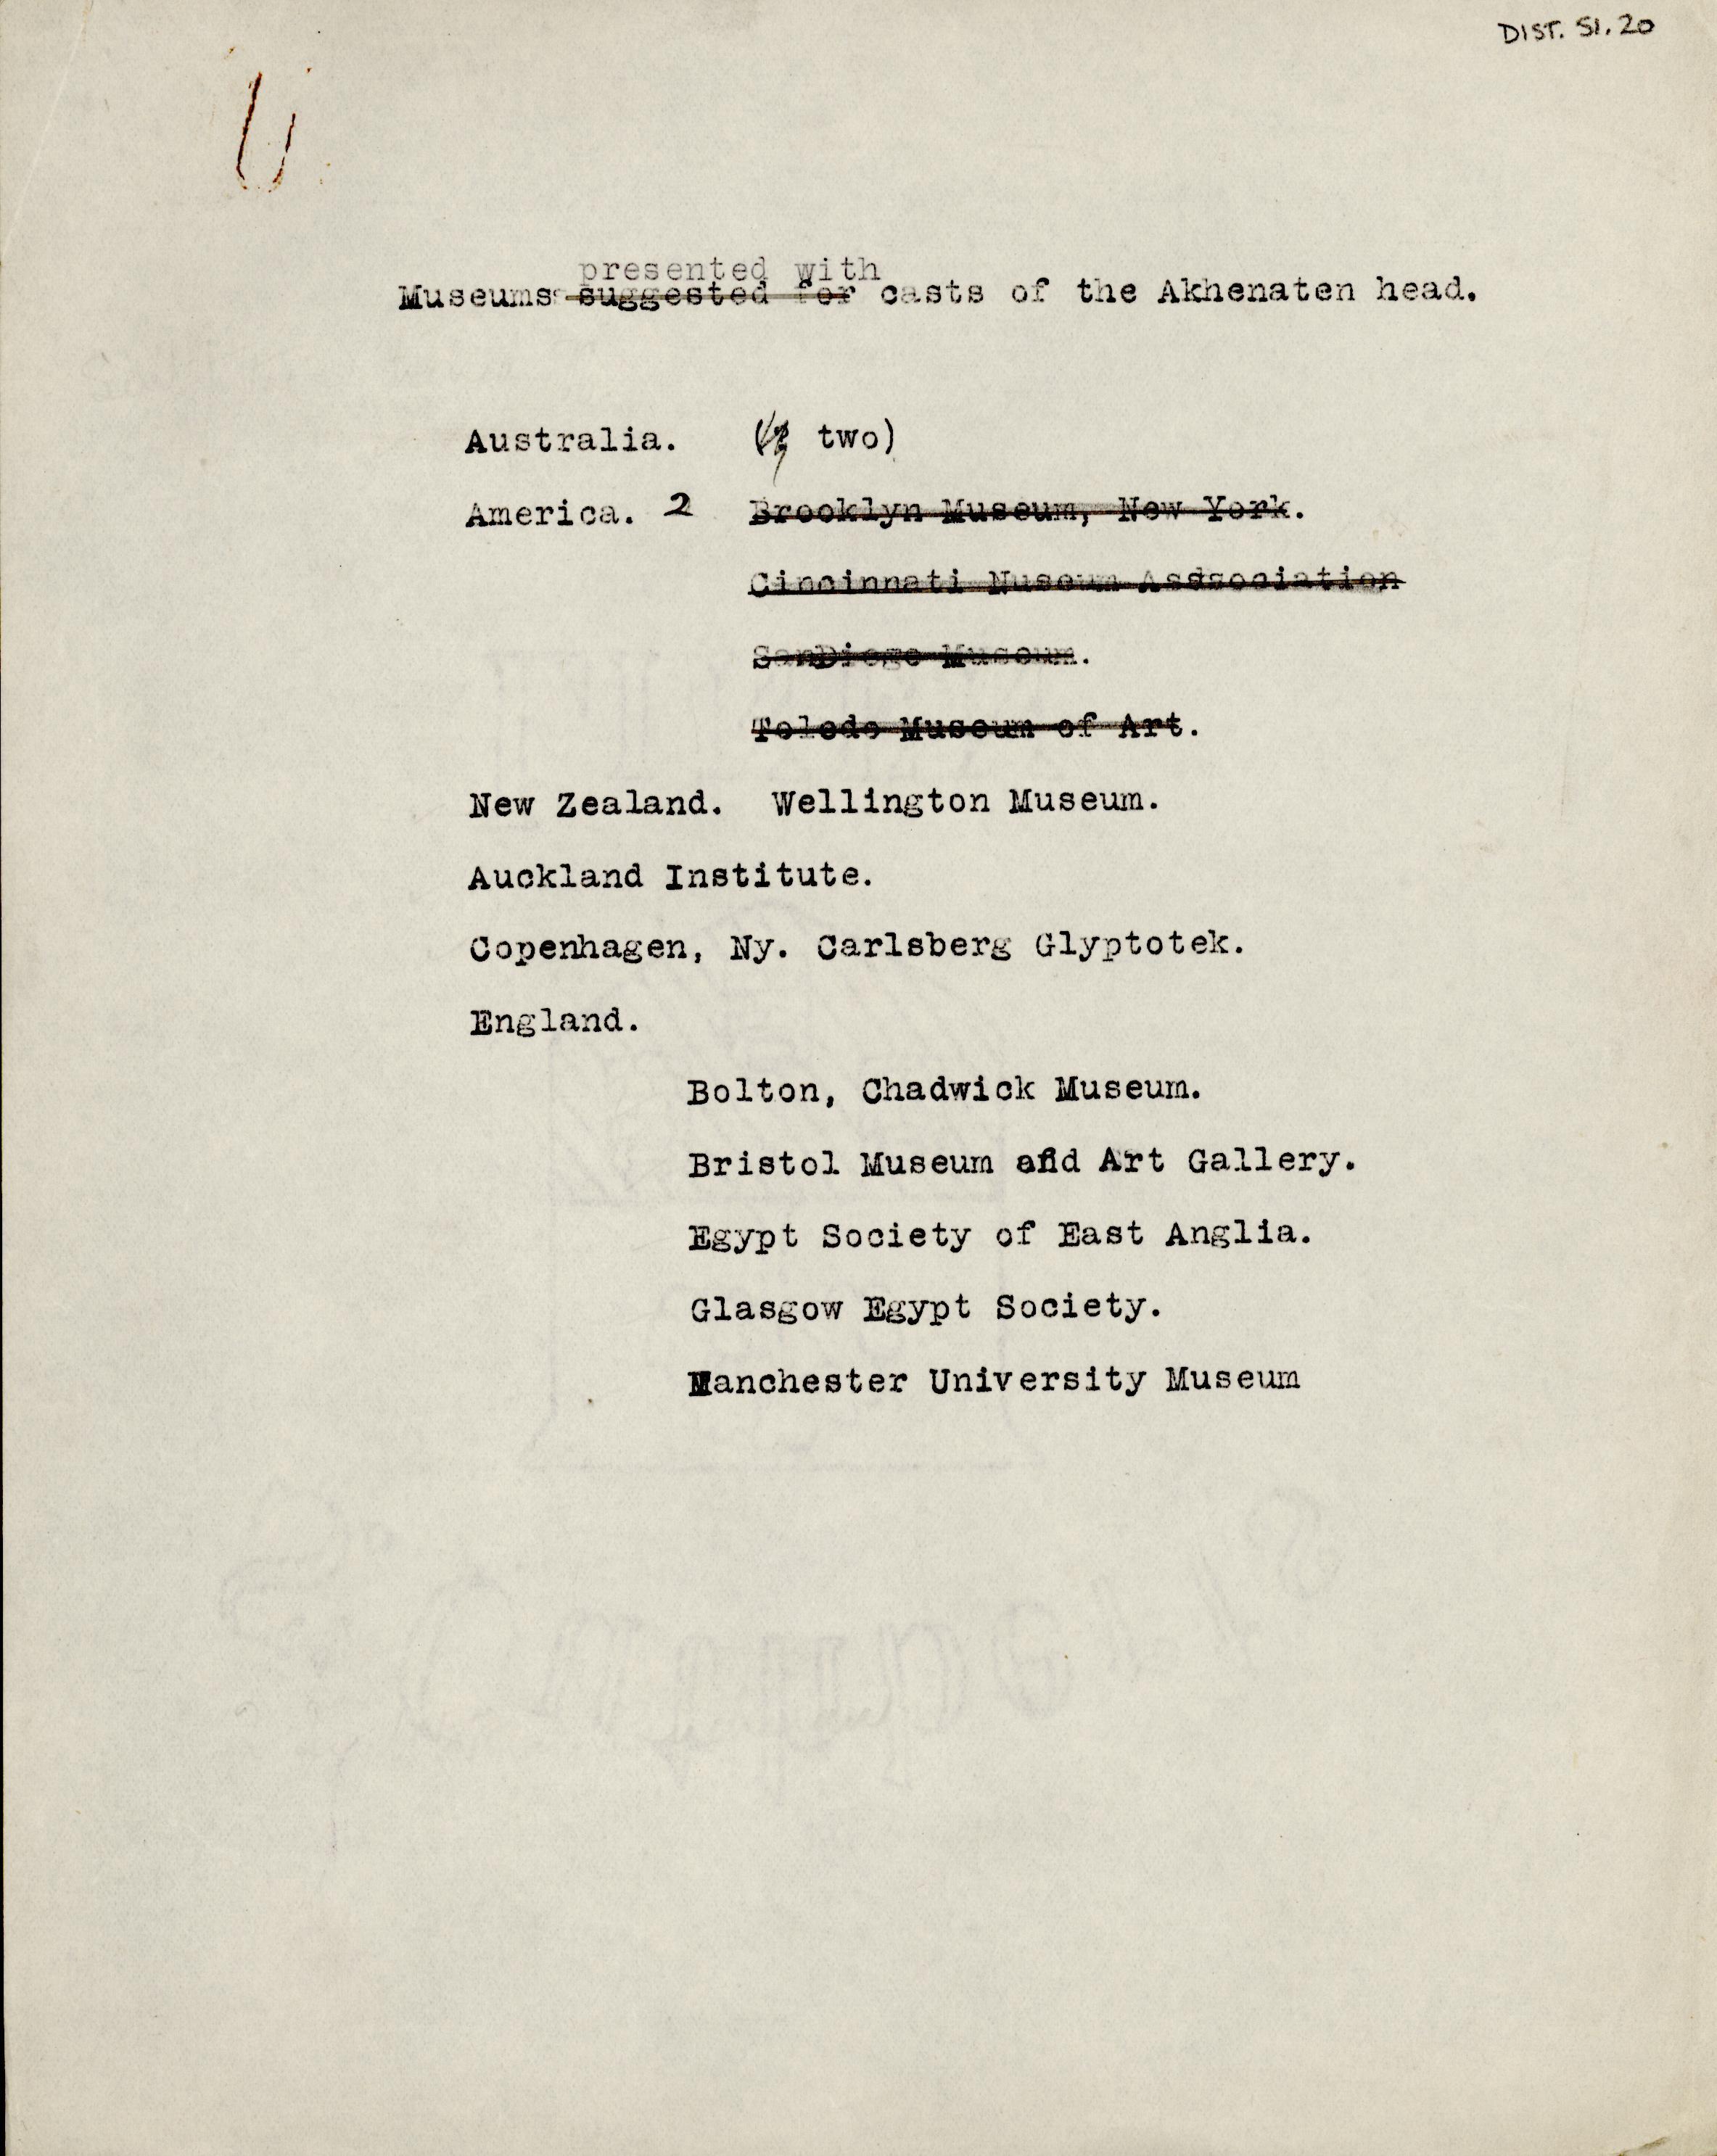 1928-29 el-Amarna and Armant DIST.51.20